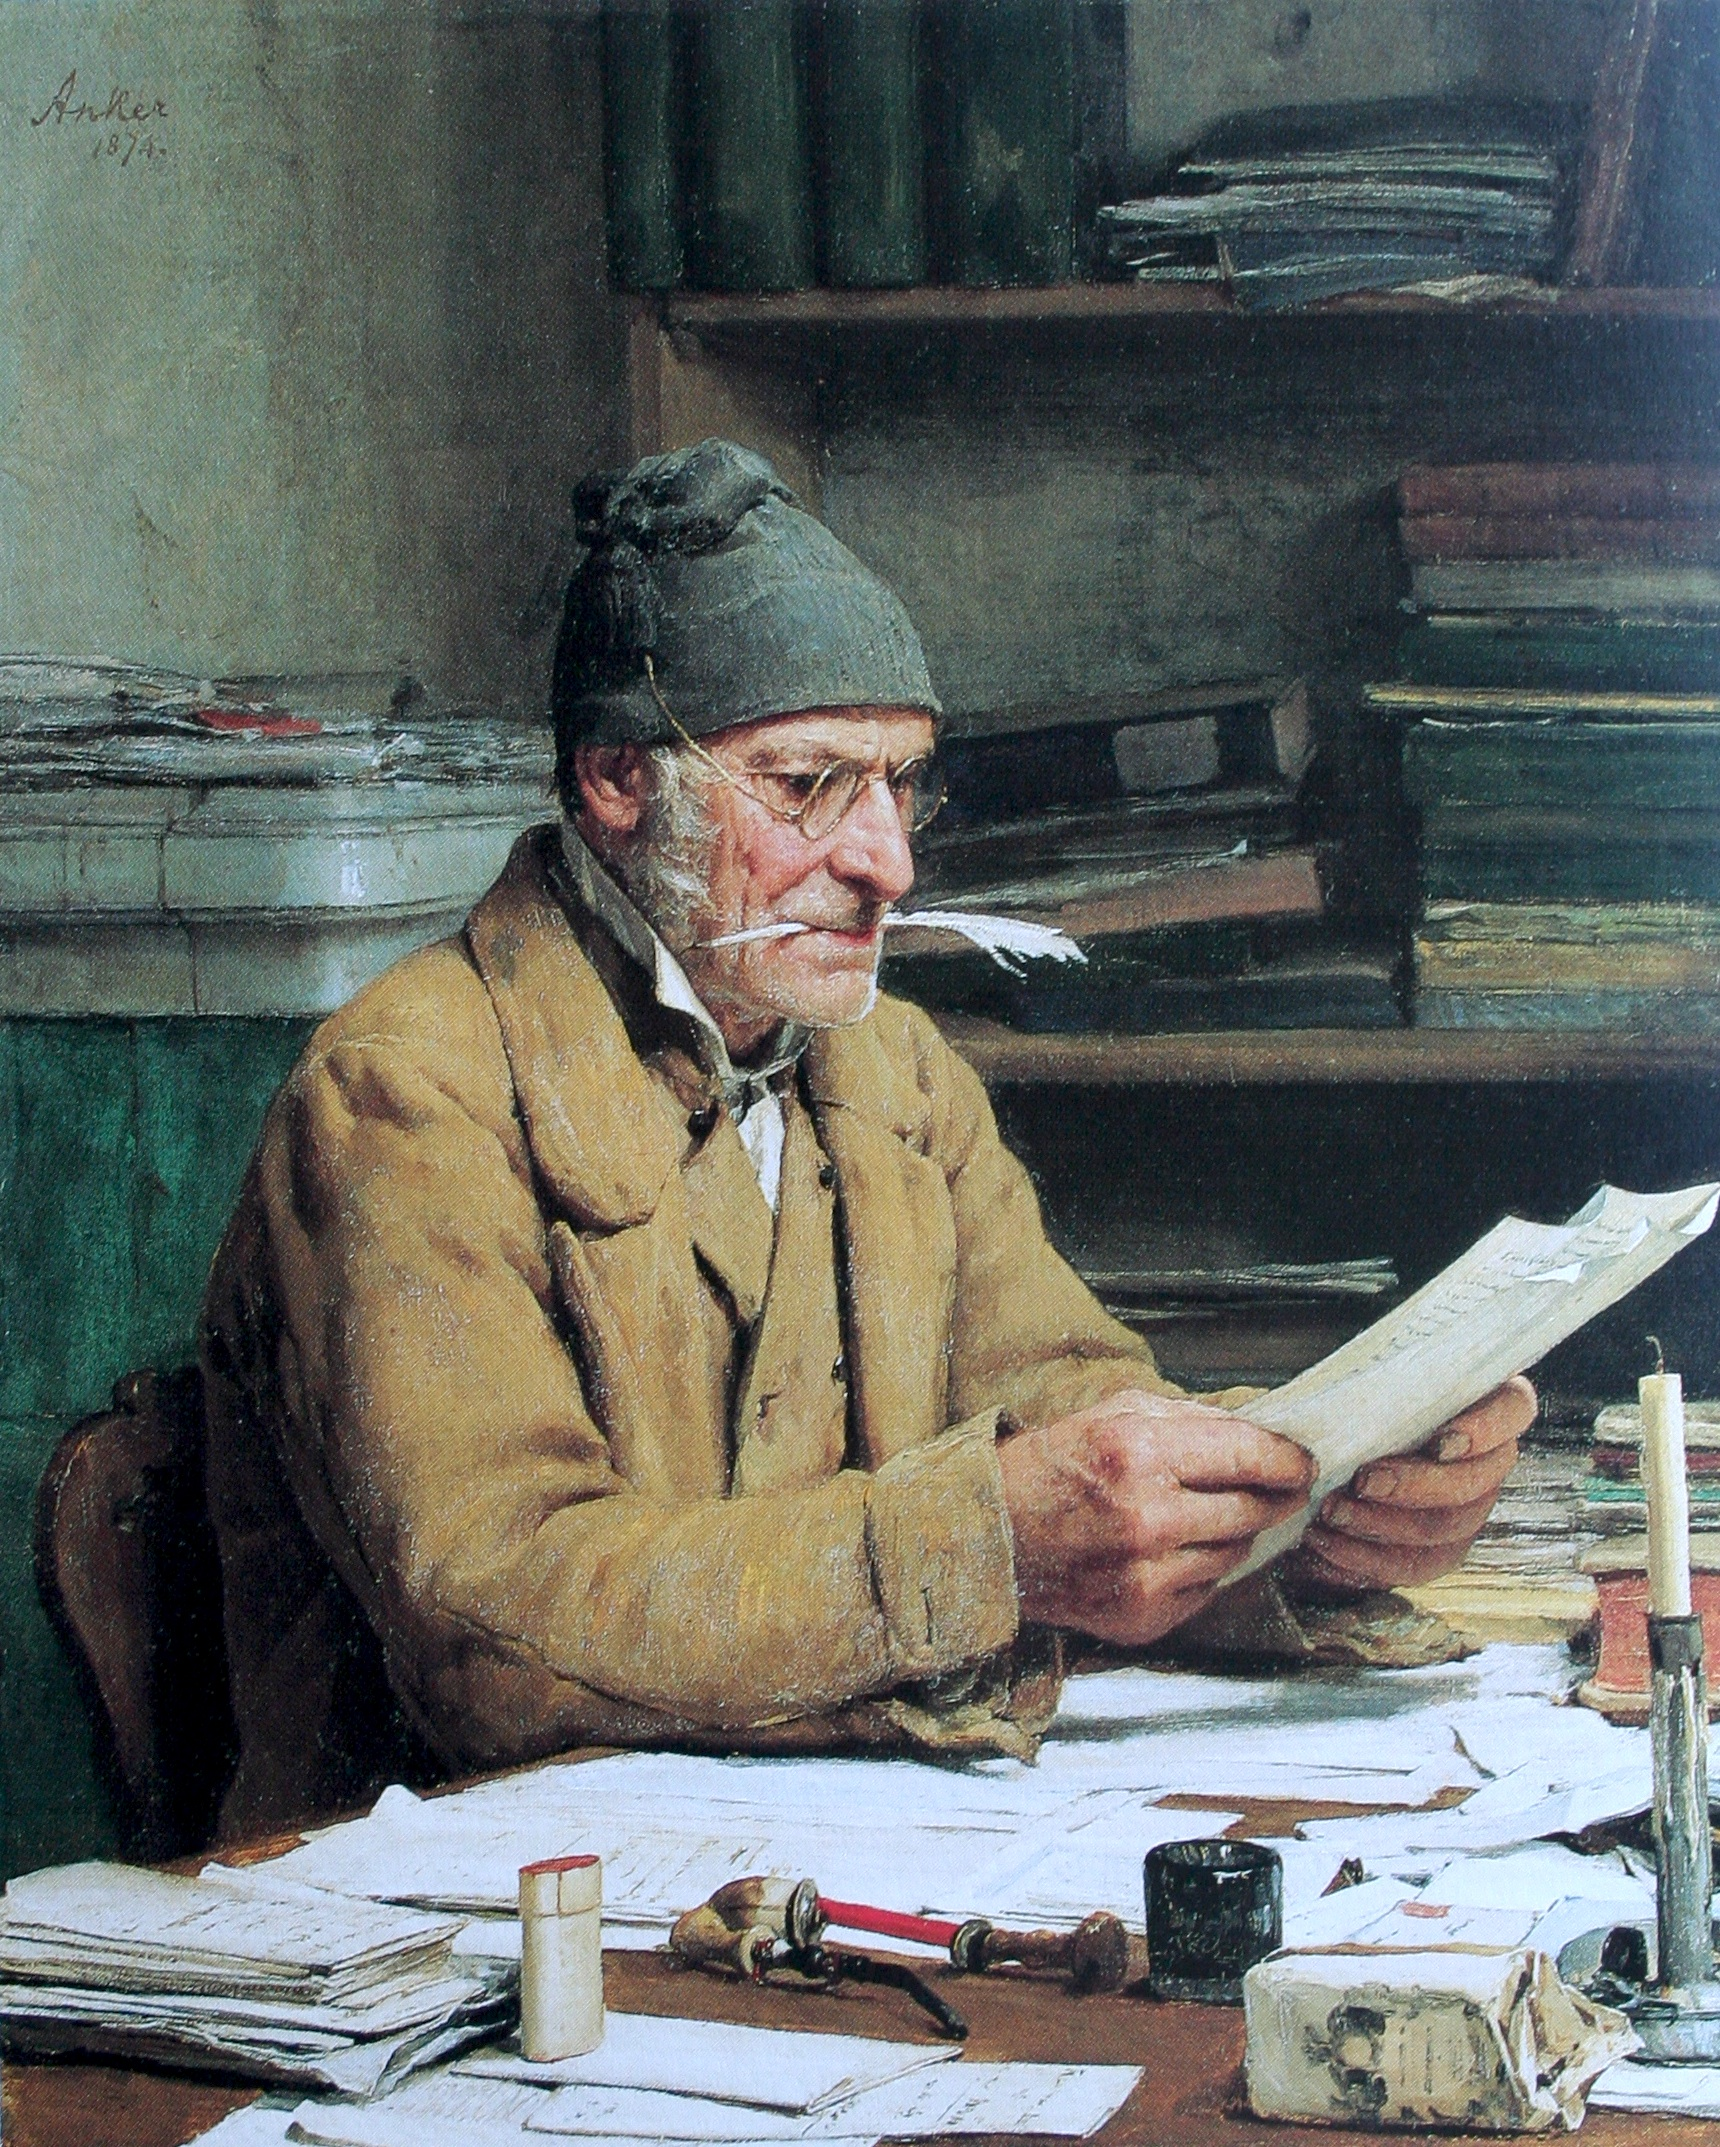 Författare som kanske funderar på kniviga språkliga spörsmål? Målning av Albert Anker.